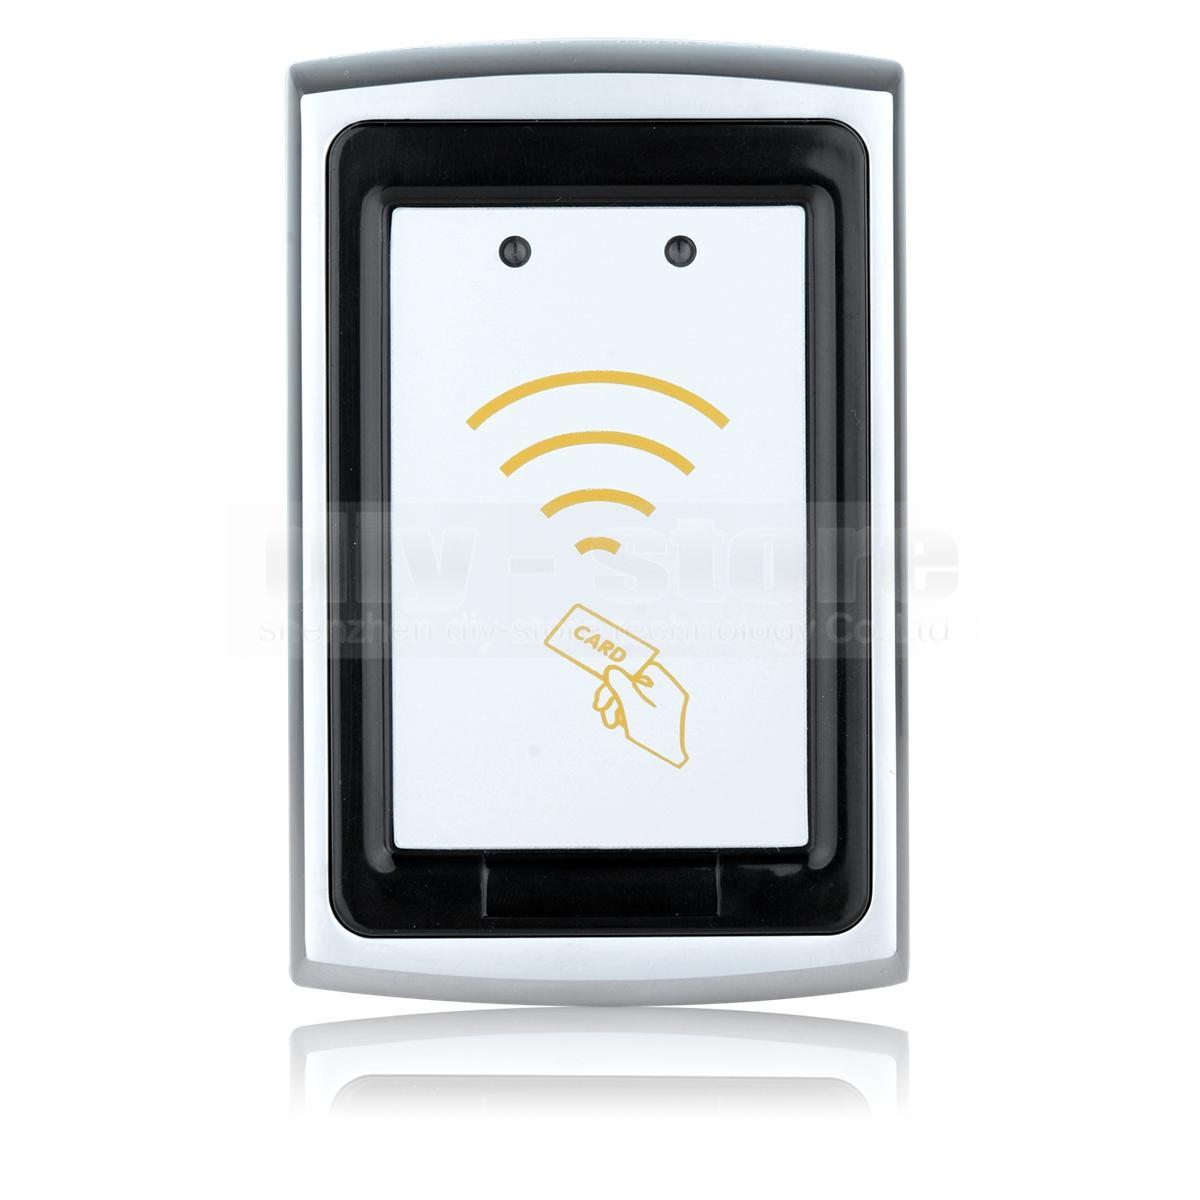 Качество водонепроницаемый металлический Wiegand 26 125 кГц EM 4100 RFID ID Card Reader для системы контроля доступа K76